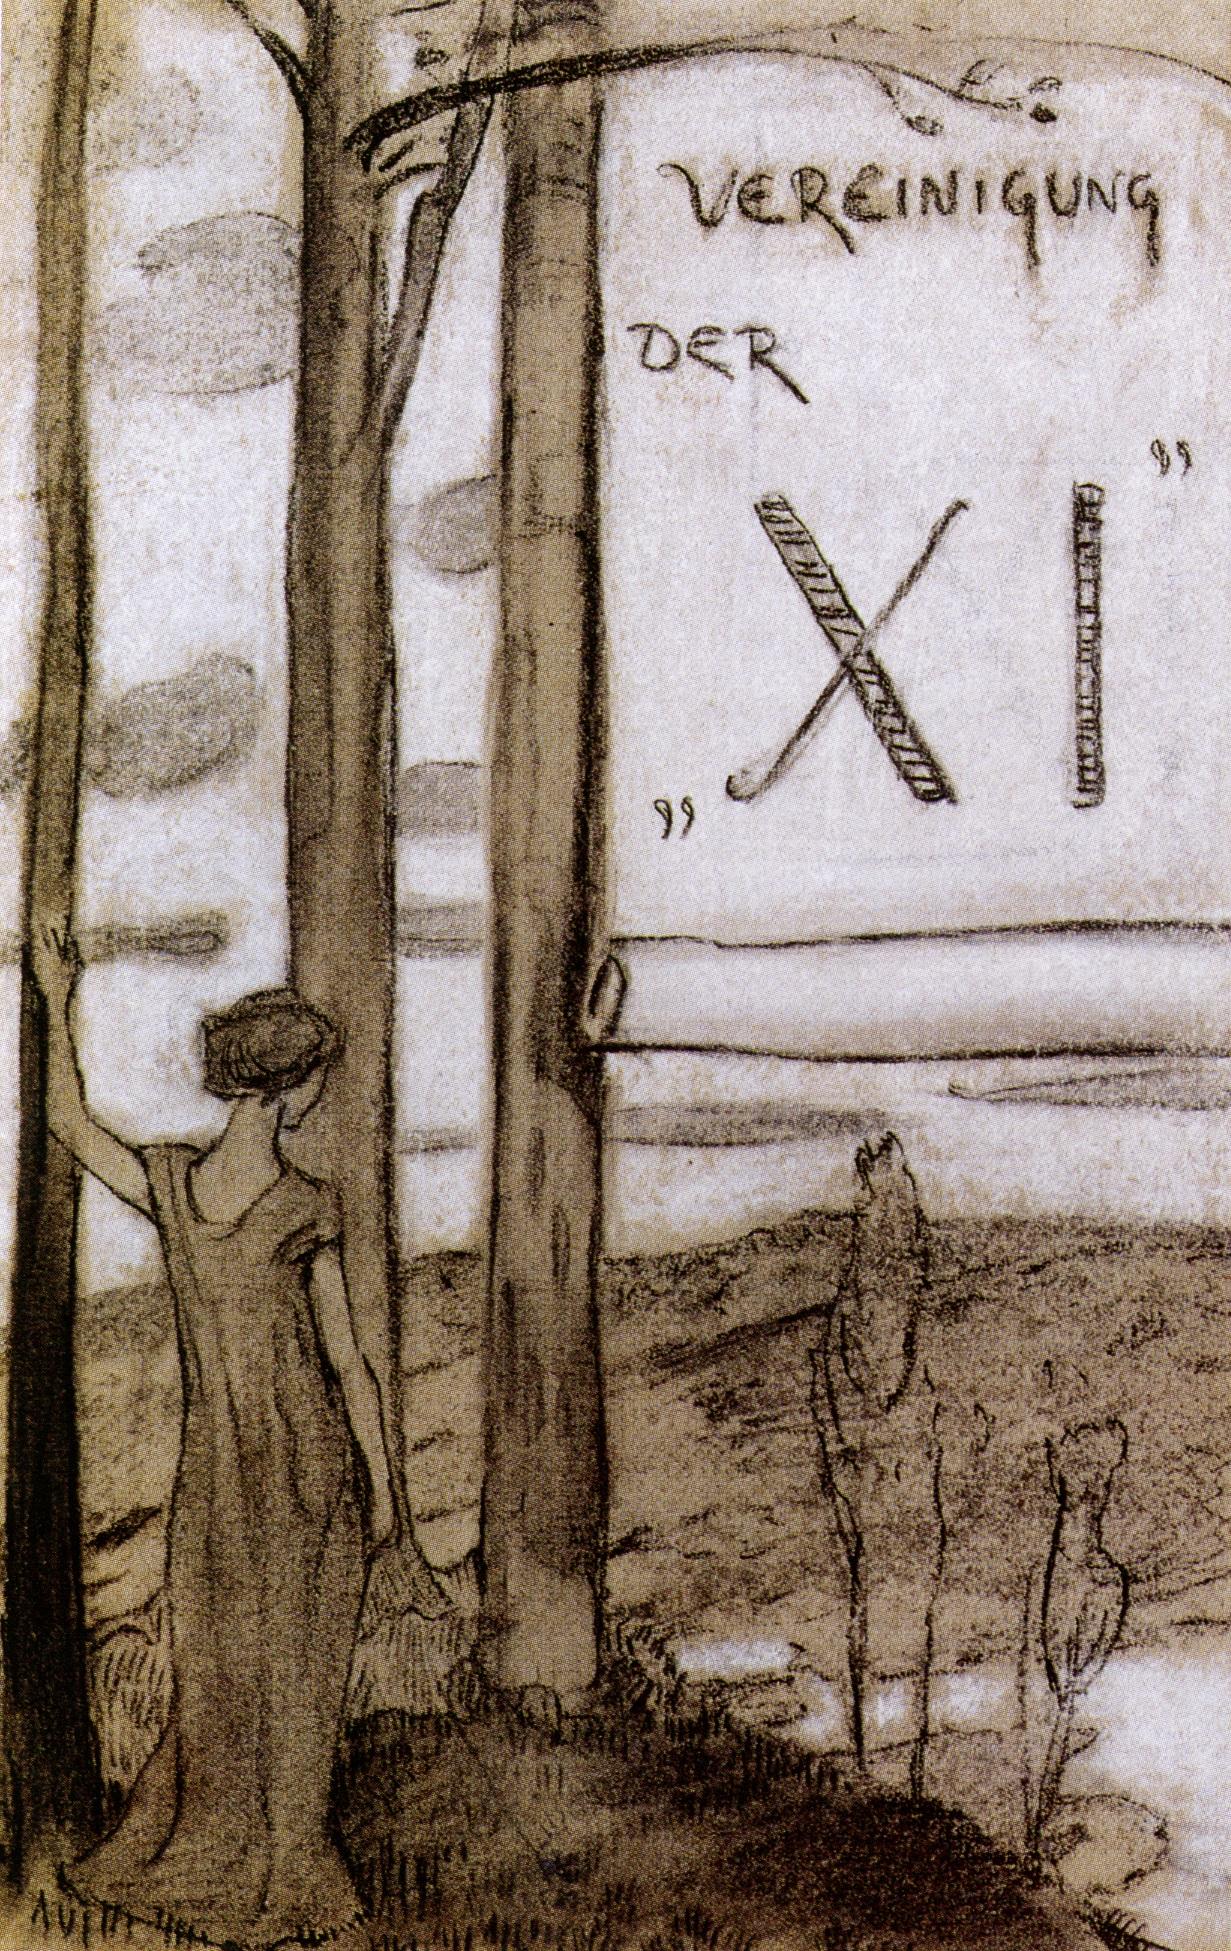 Ludwig von Hofmann Entwurf für eine Einladungskarte der Vereinigung der XI (an Bäumen stehendes Mädchen) Um 1892/93 Kohle und weiße Kreide auf Papier Ludwig-von-Hofmann-Archiv, Zürich Foto: Peter Schälchli, Zürich